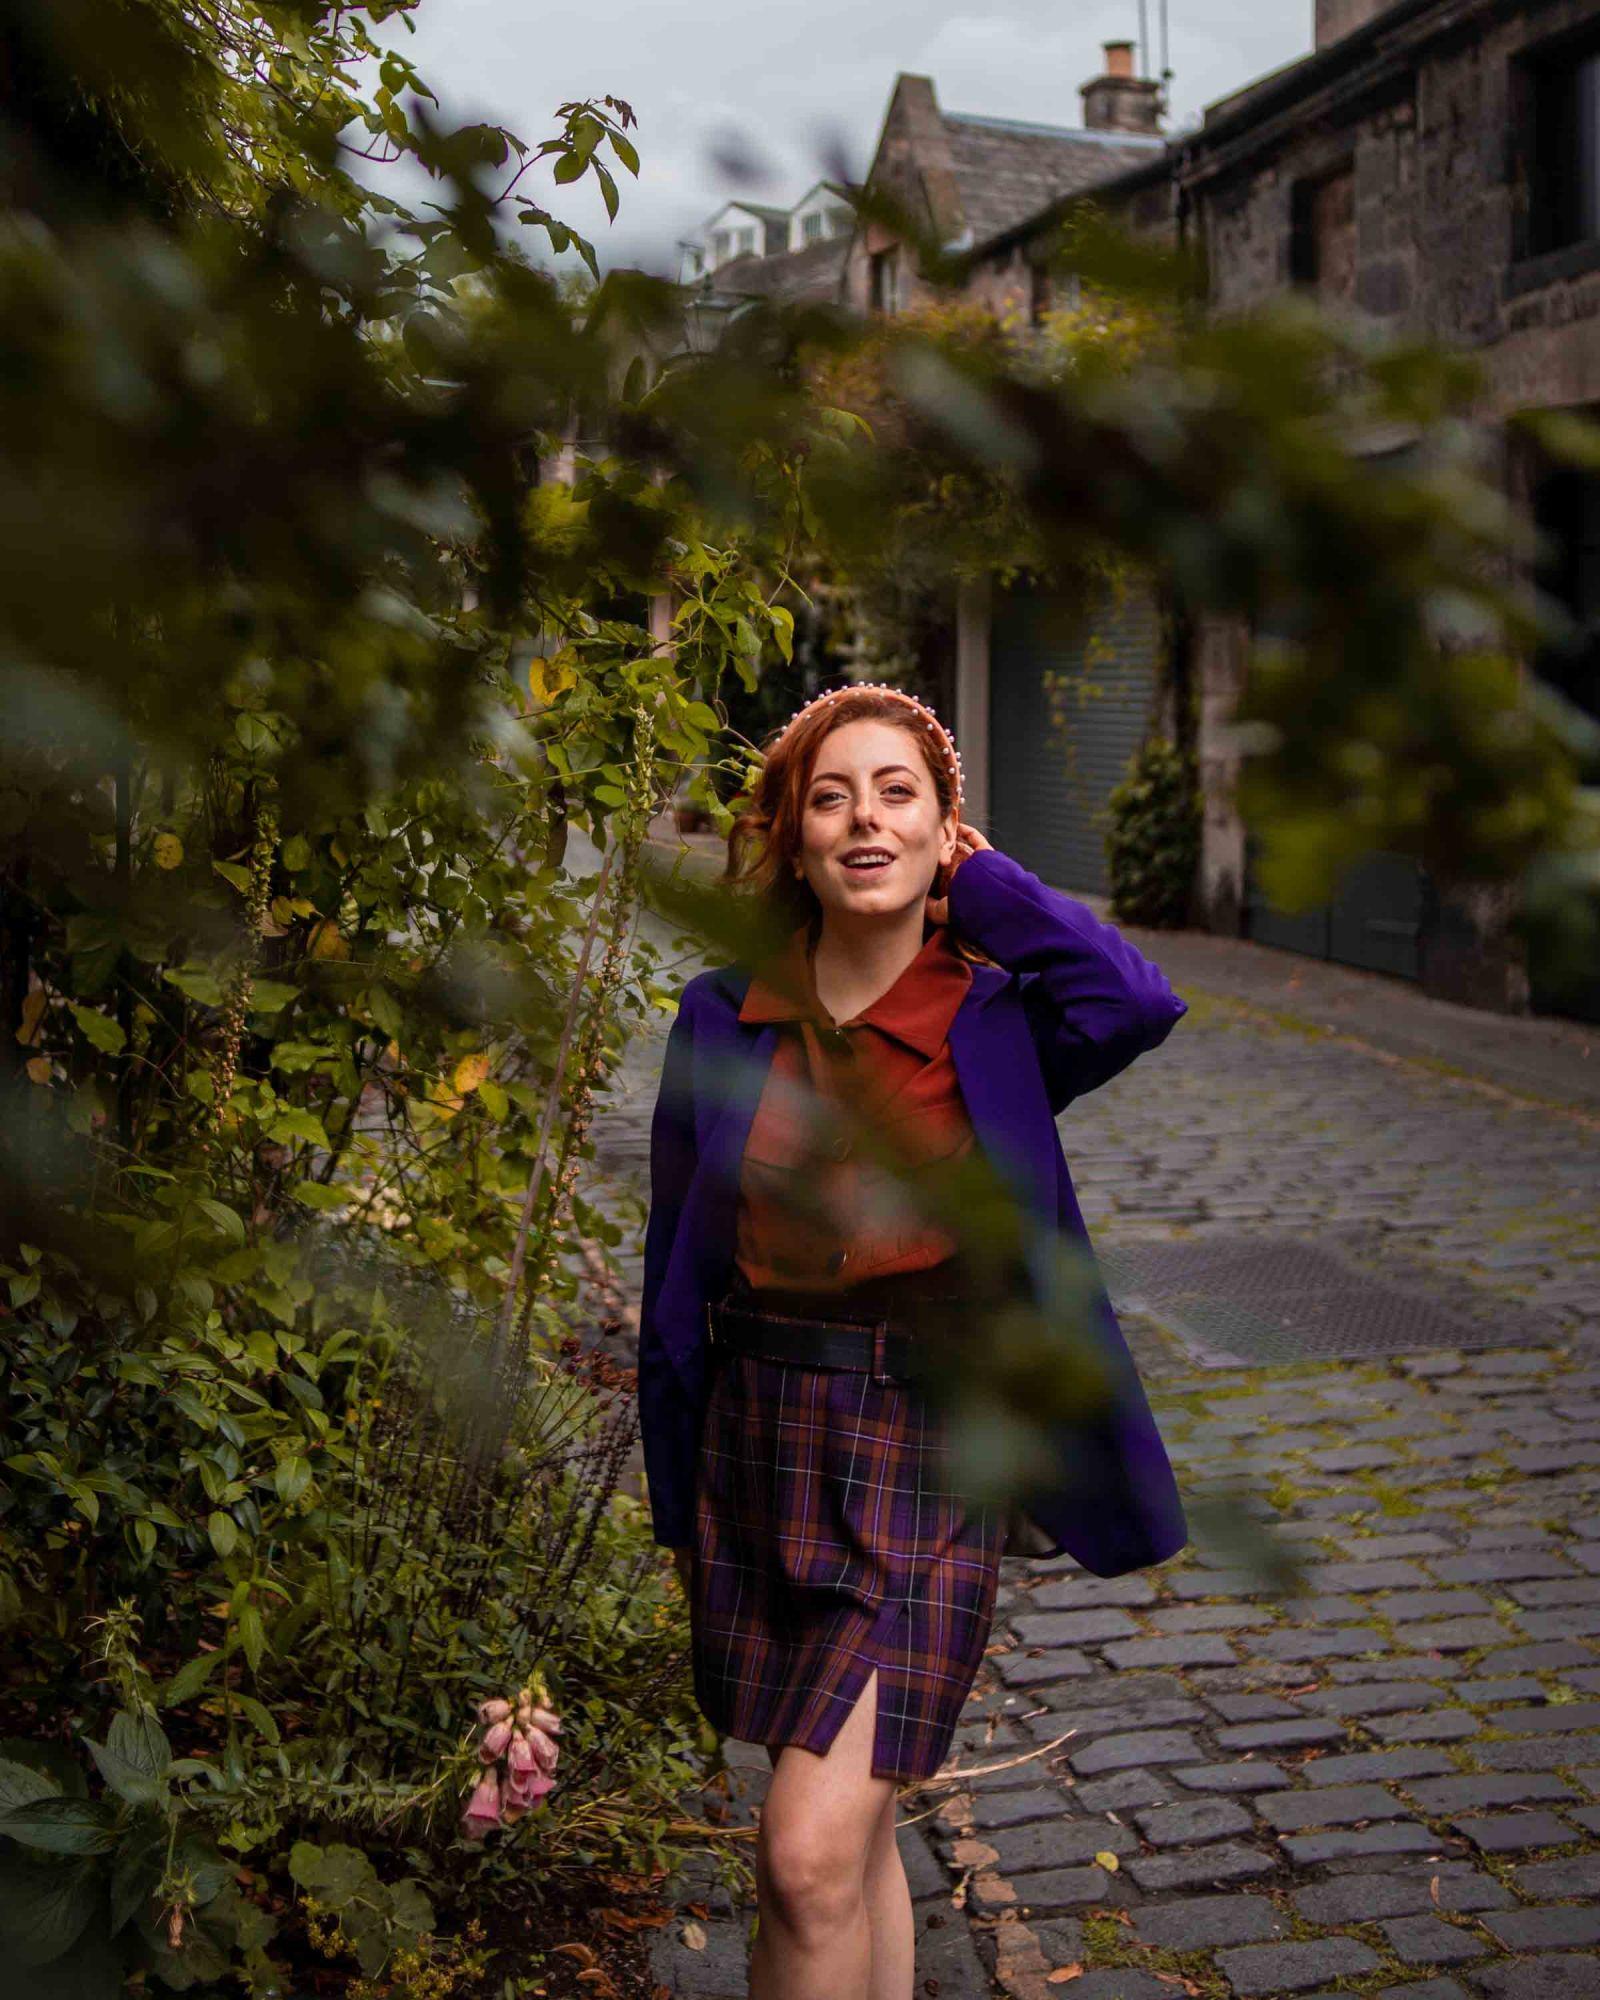 Francesca che passeggia con una gonna scozzese